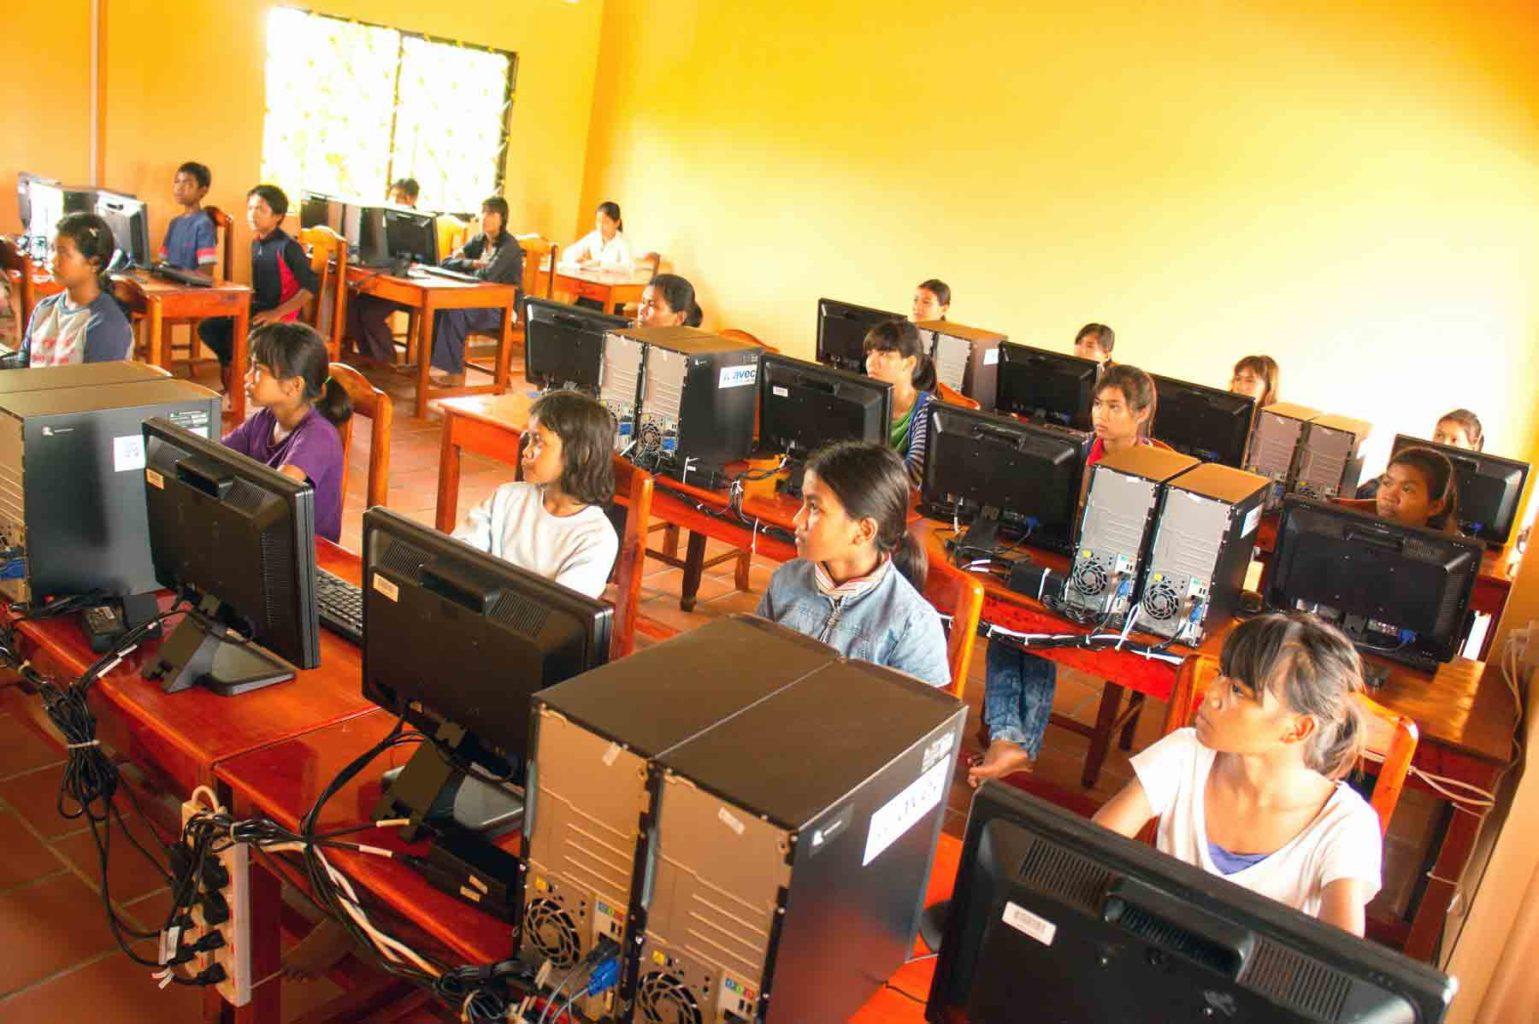 Quand on est un enfant pauvre de la campagne au Cambodge, avoir accès à l'informatique permet d'ouvrir de nouveaux horizons. Cette action fait partie de notre programme de scolarisation et de lutter contre la maltraitance des enfants.